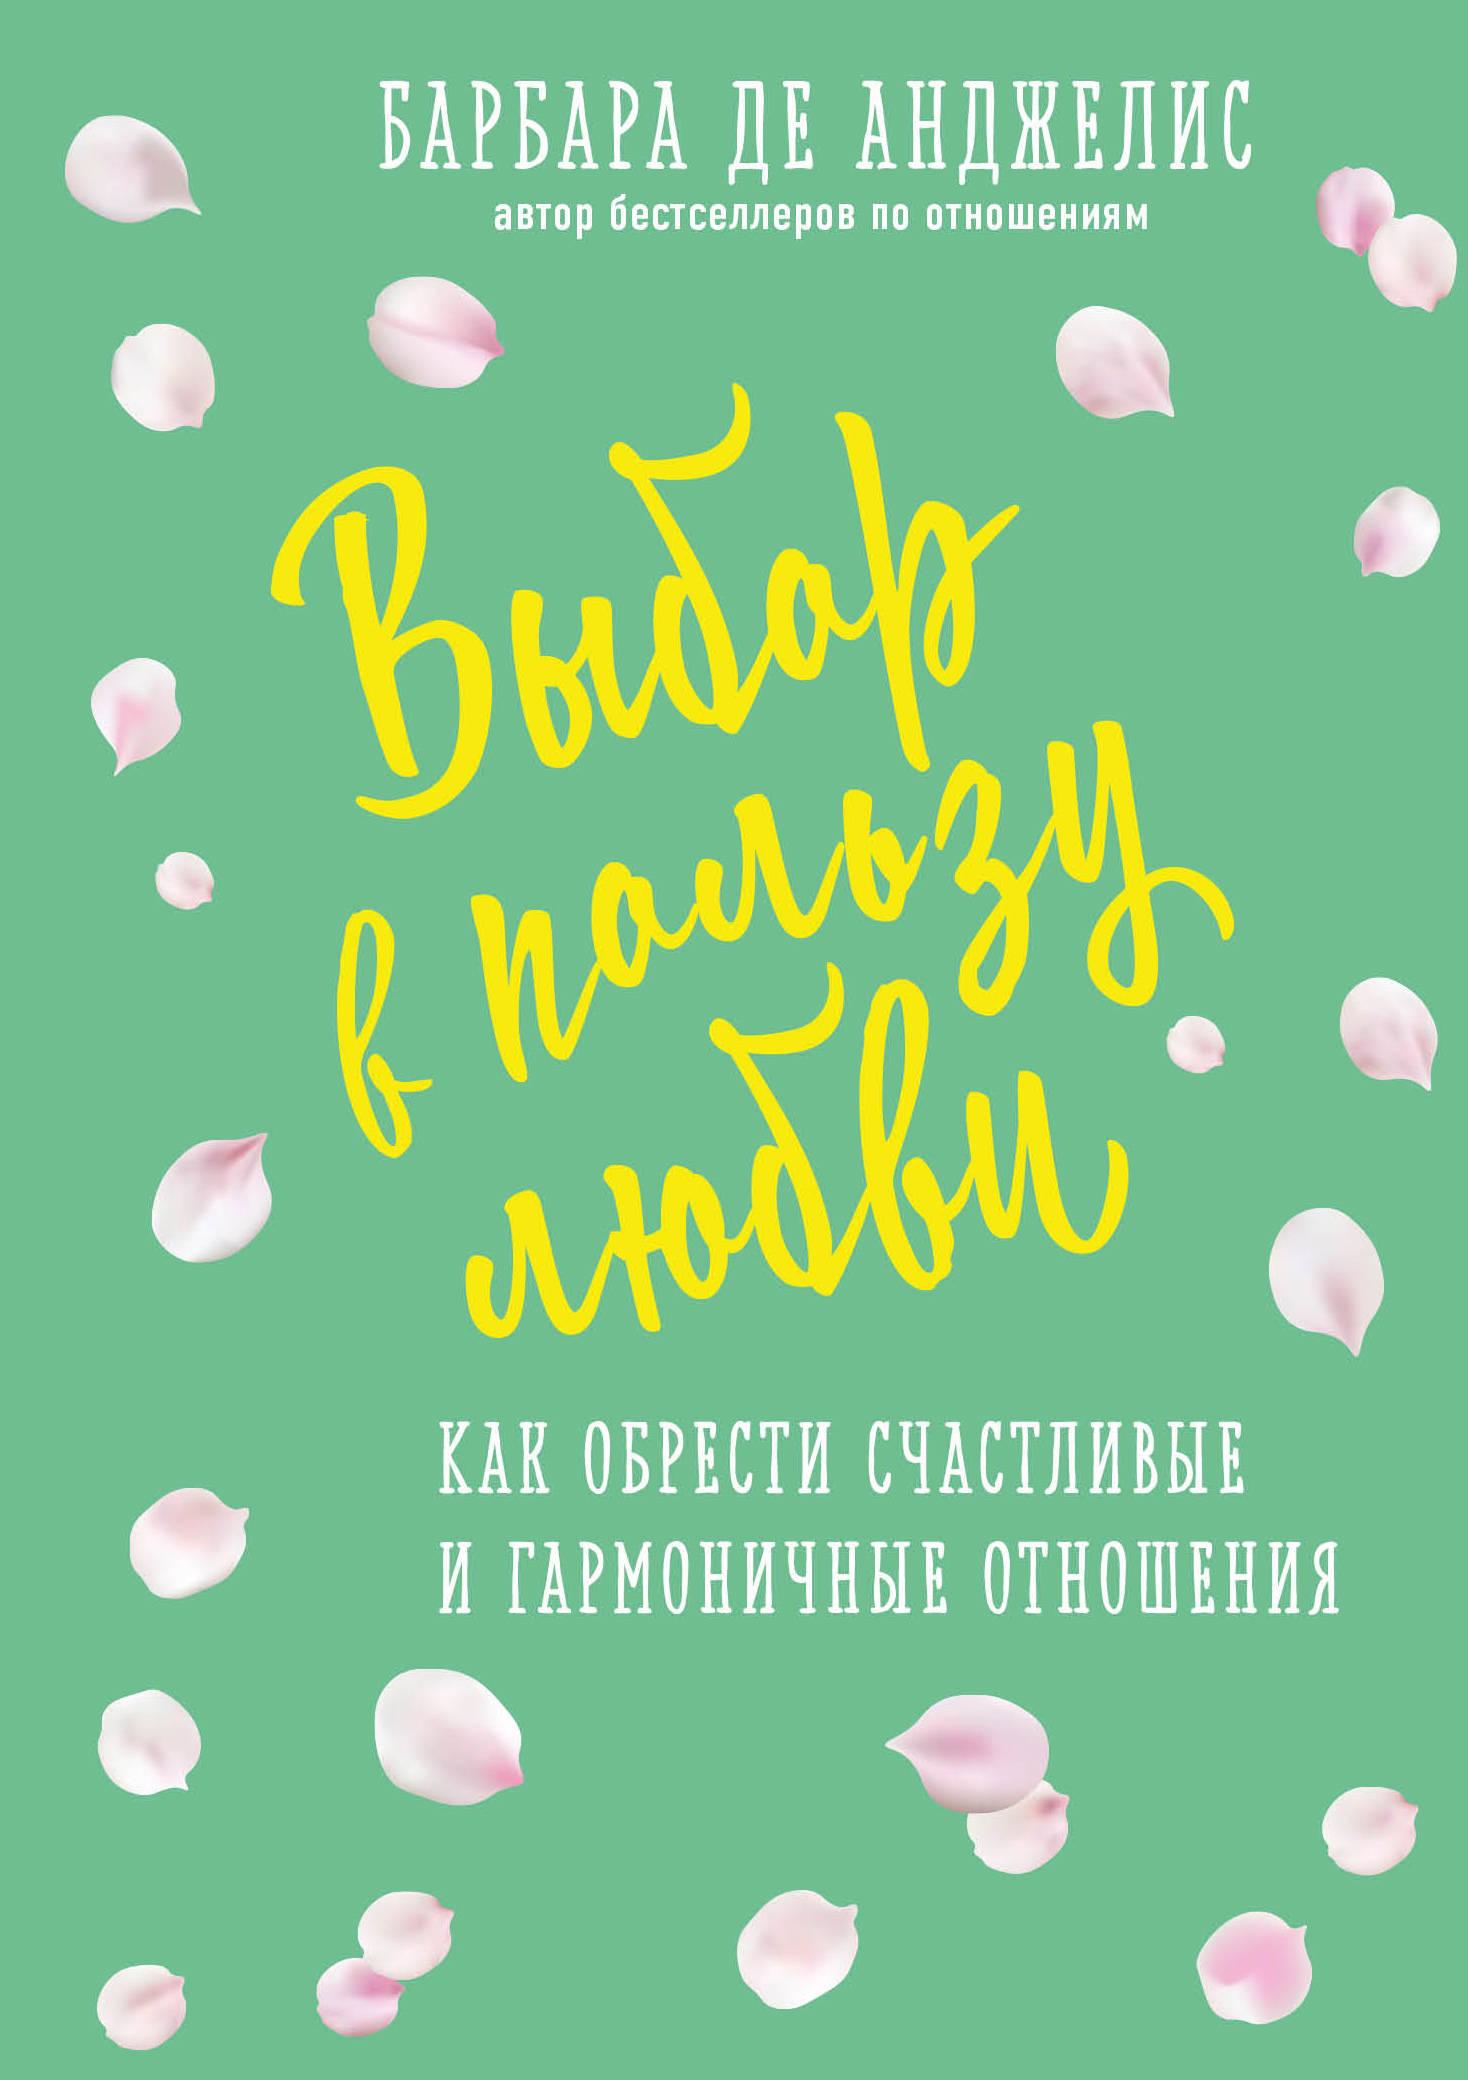 Барбара де Анджелис Выбор в пользу любви. Как обрести счастливые и гармоничные отношения барбара де анджелис книги скачать